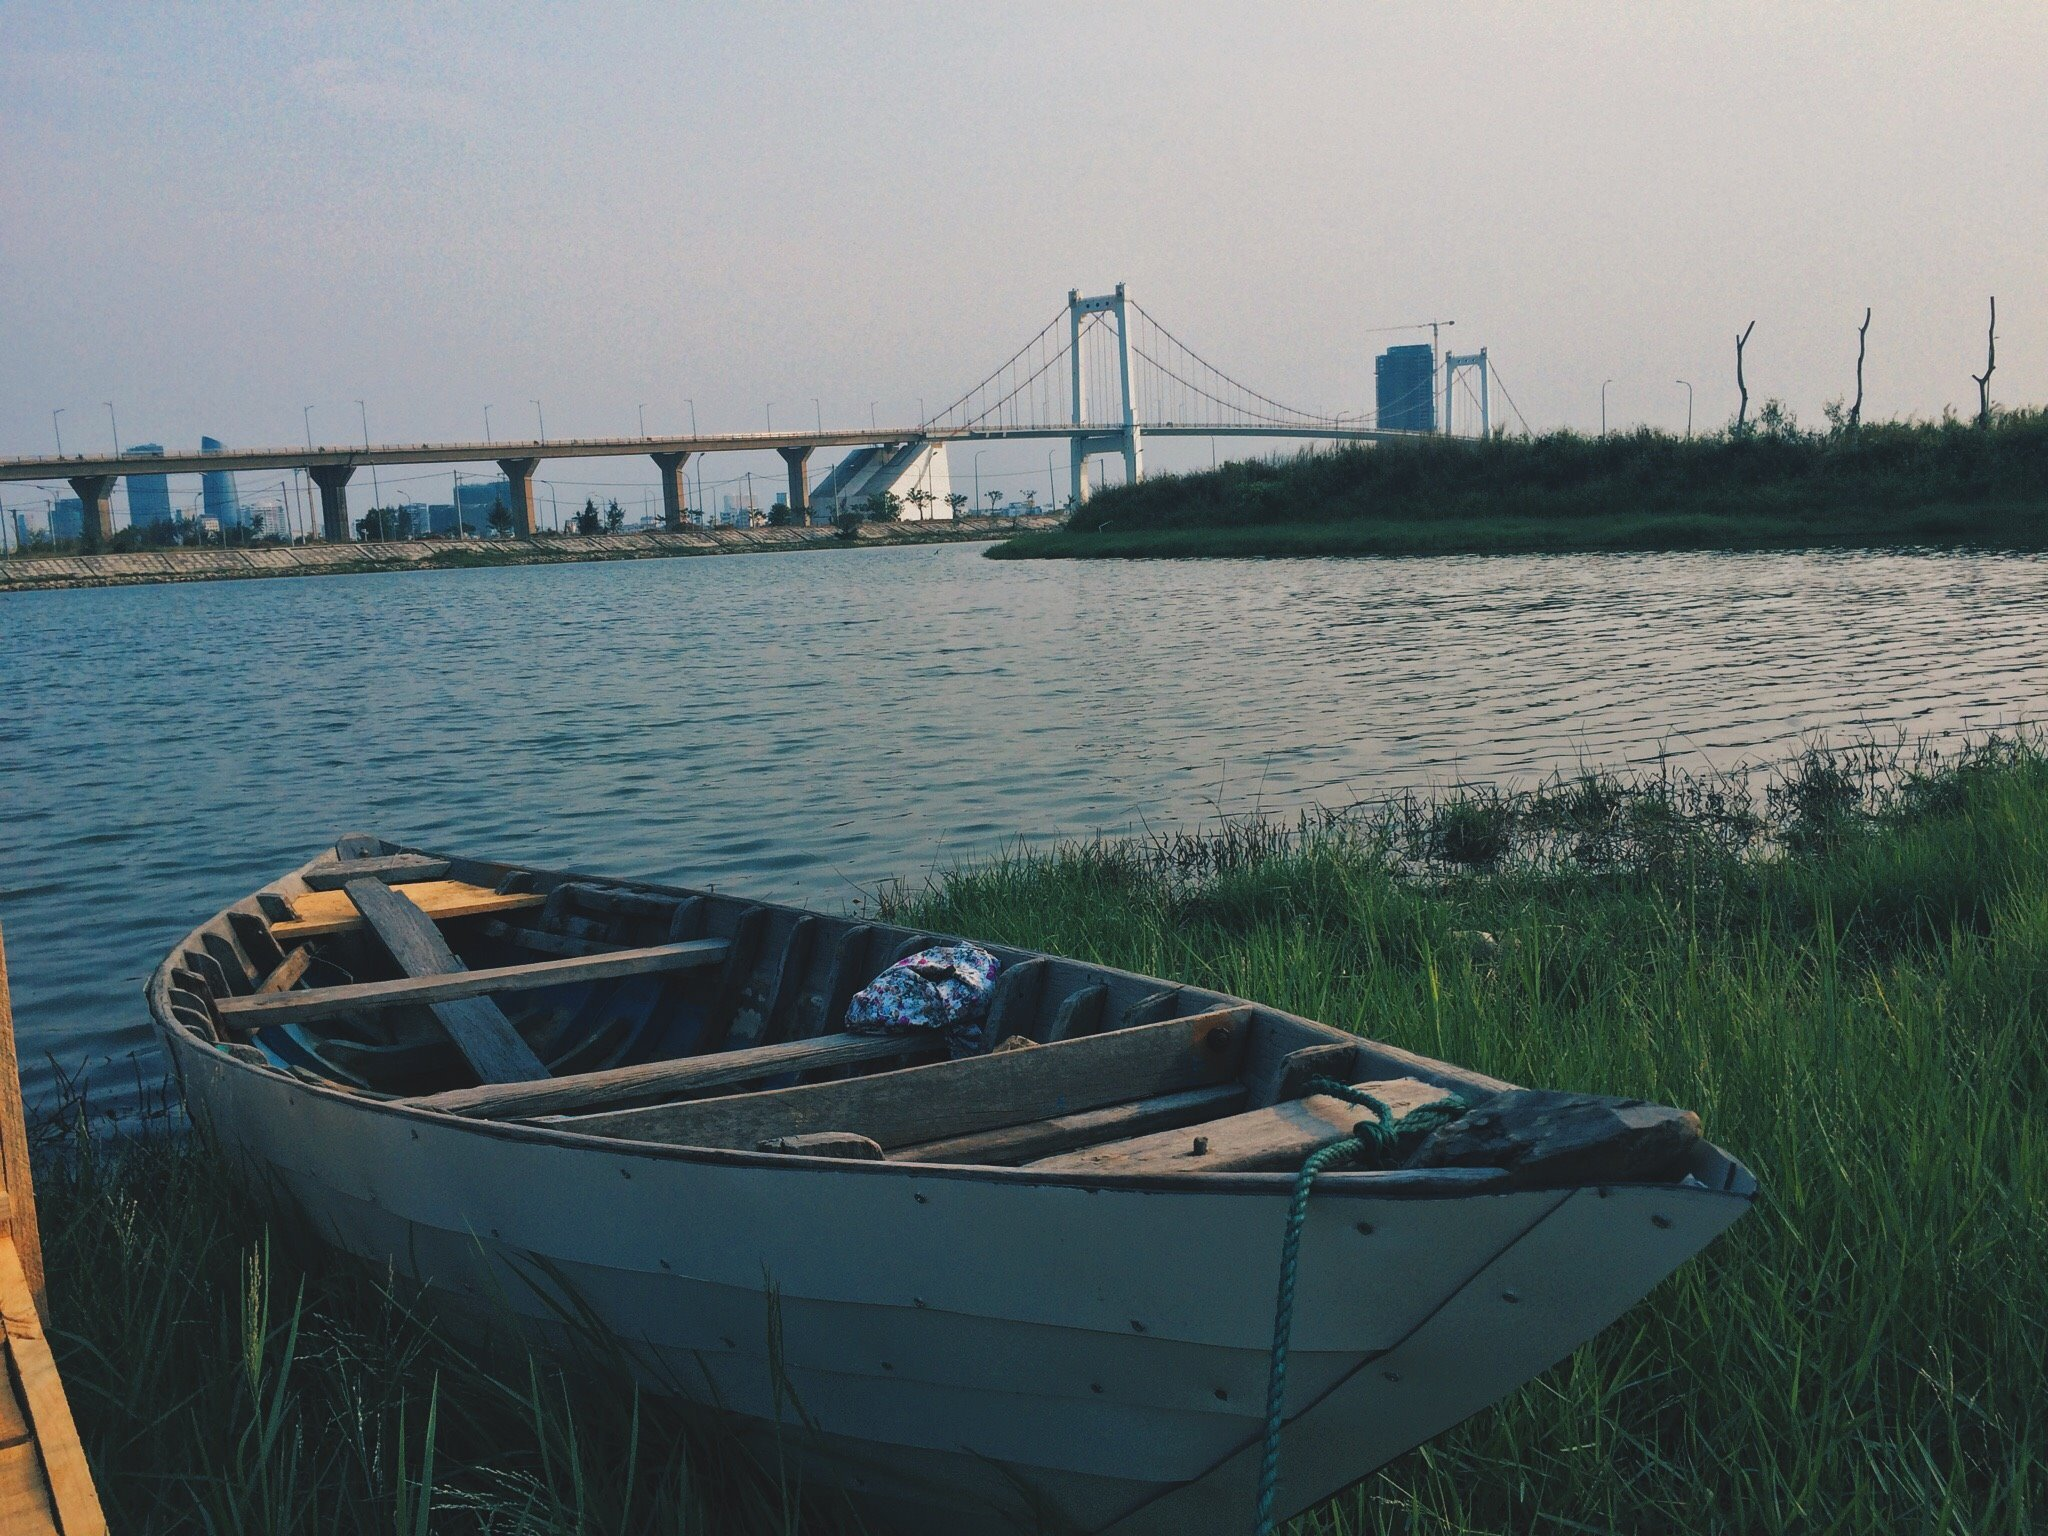 Giới trẻ Đà Nẵng sắp có thêm điểm chụp ảnh mới: Một phim trường đẹp như châu Âu - Ảnh 26.